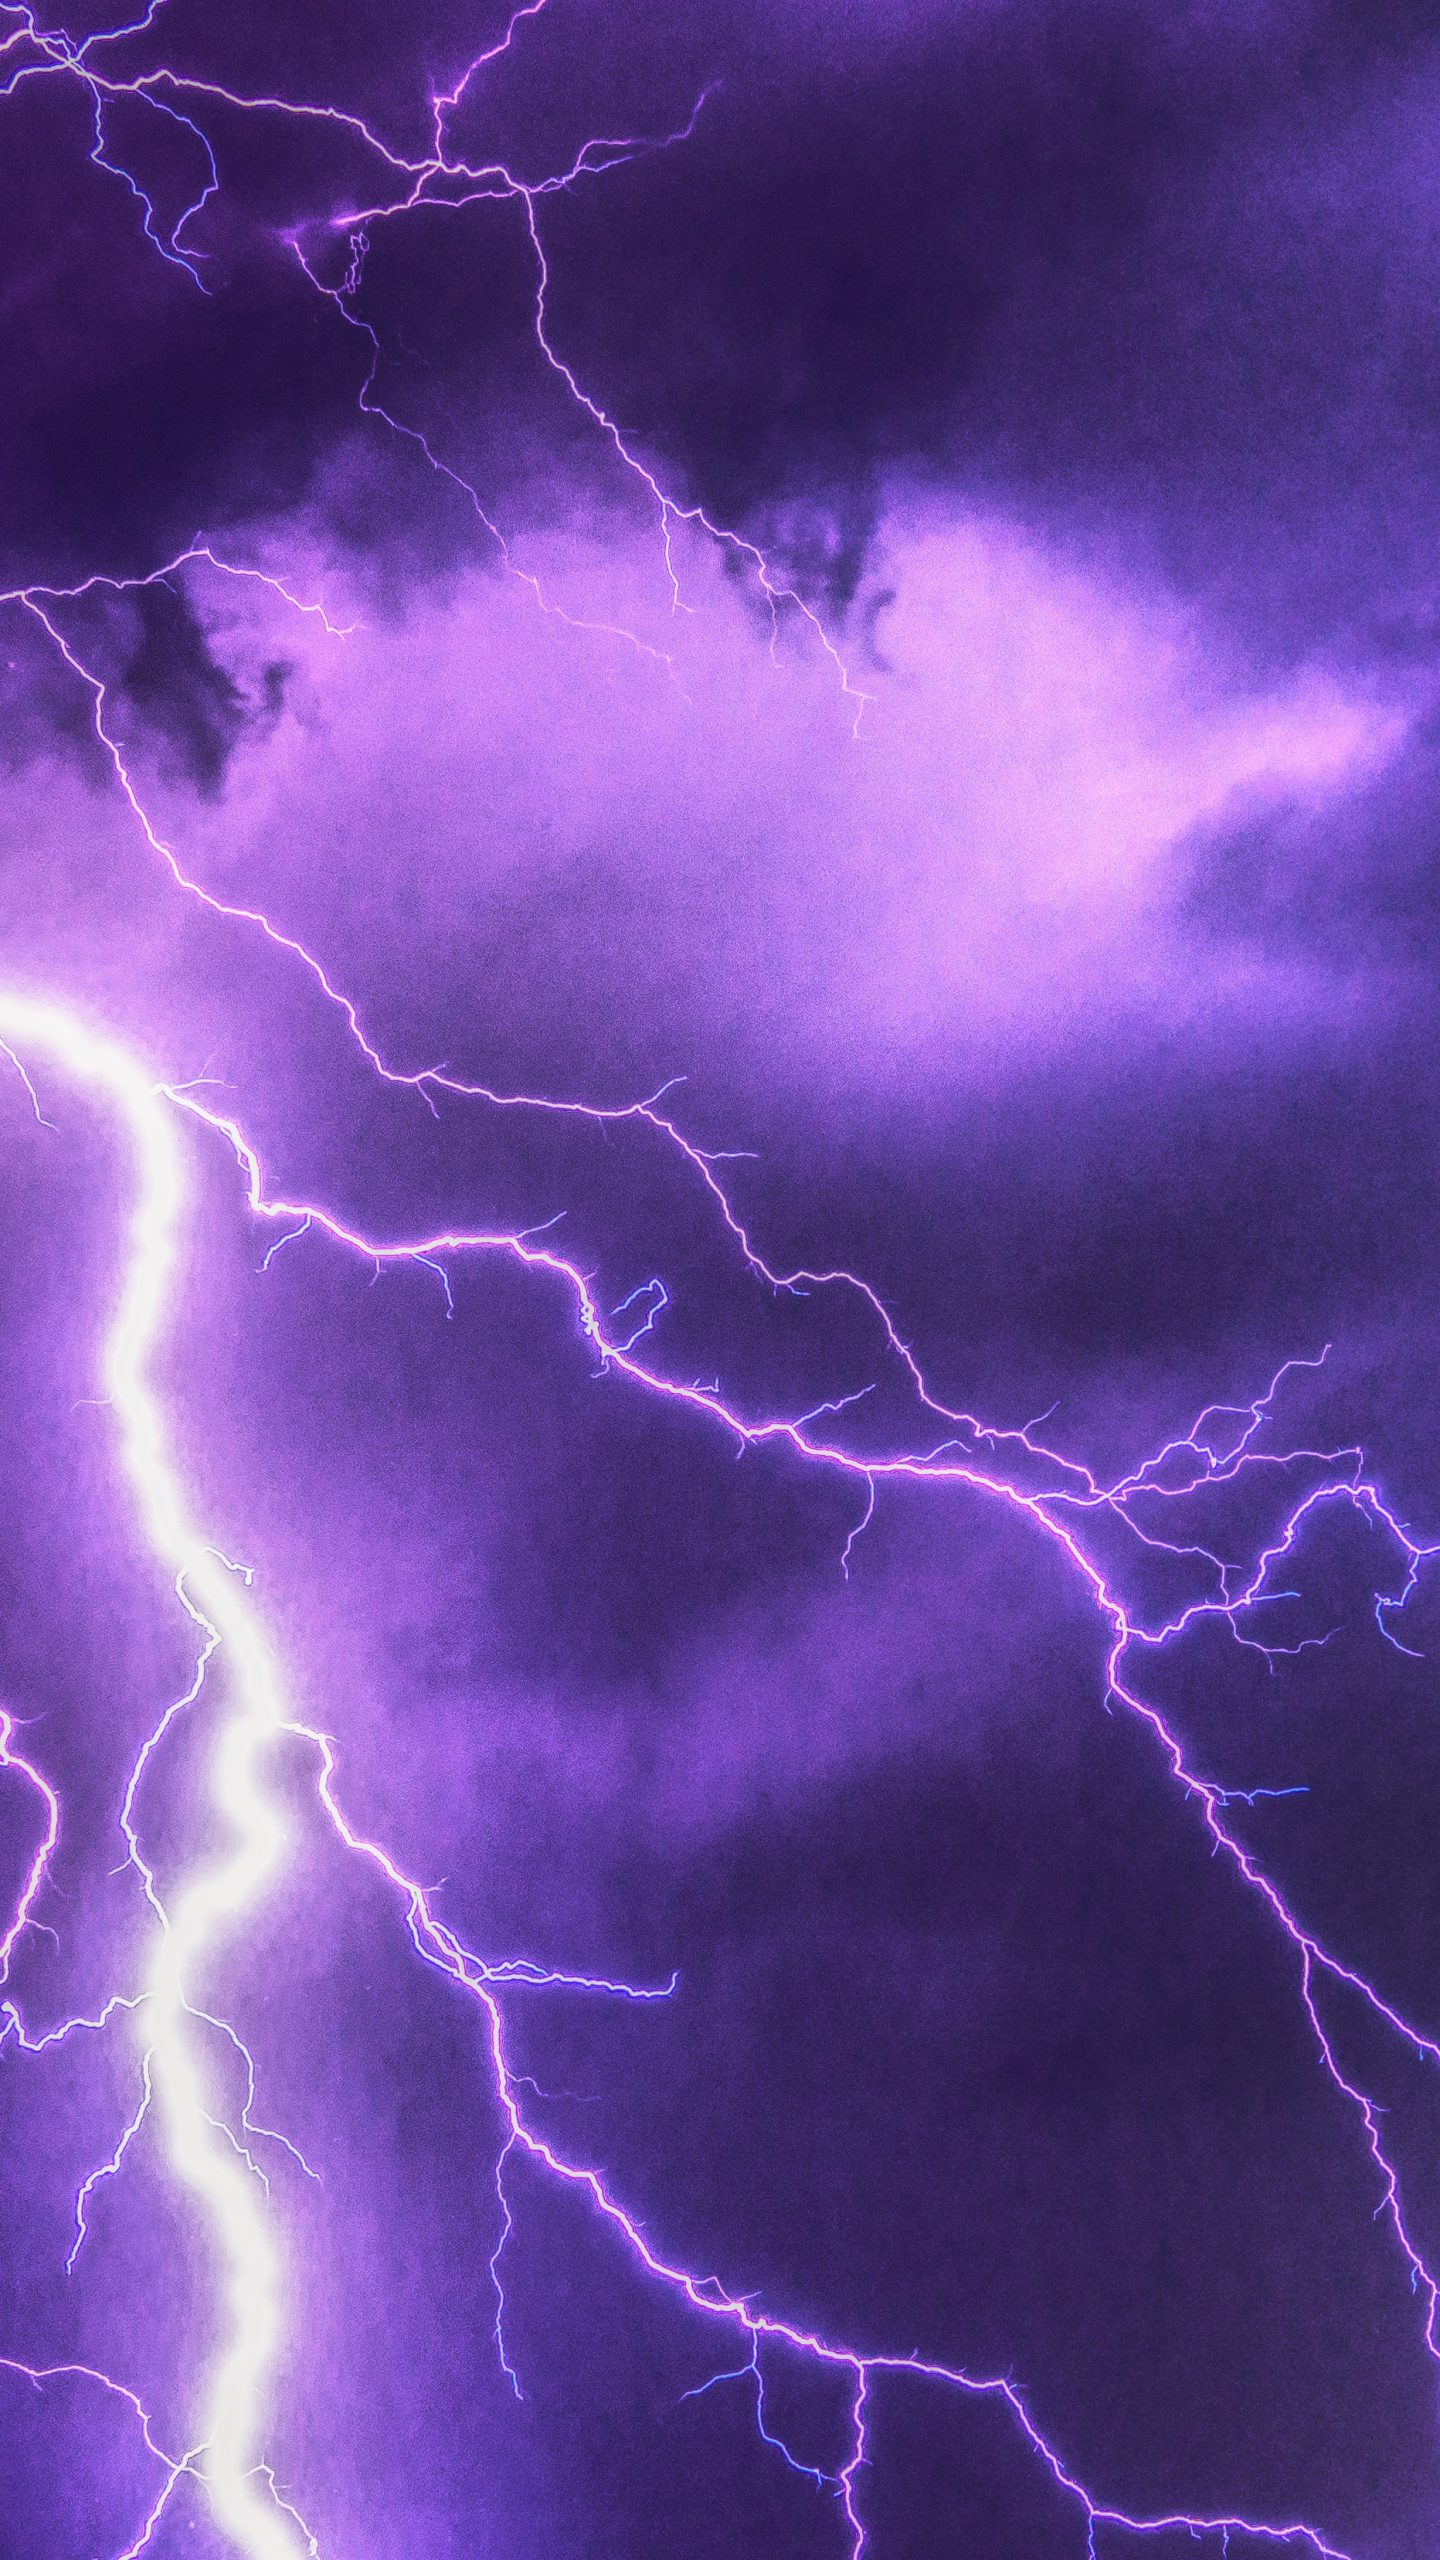 Purple Aesthetic Wallpaper Hd